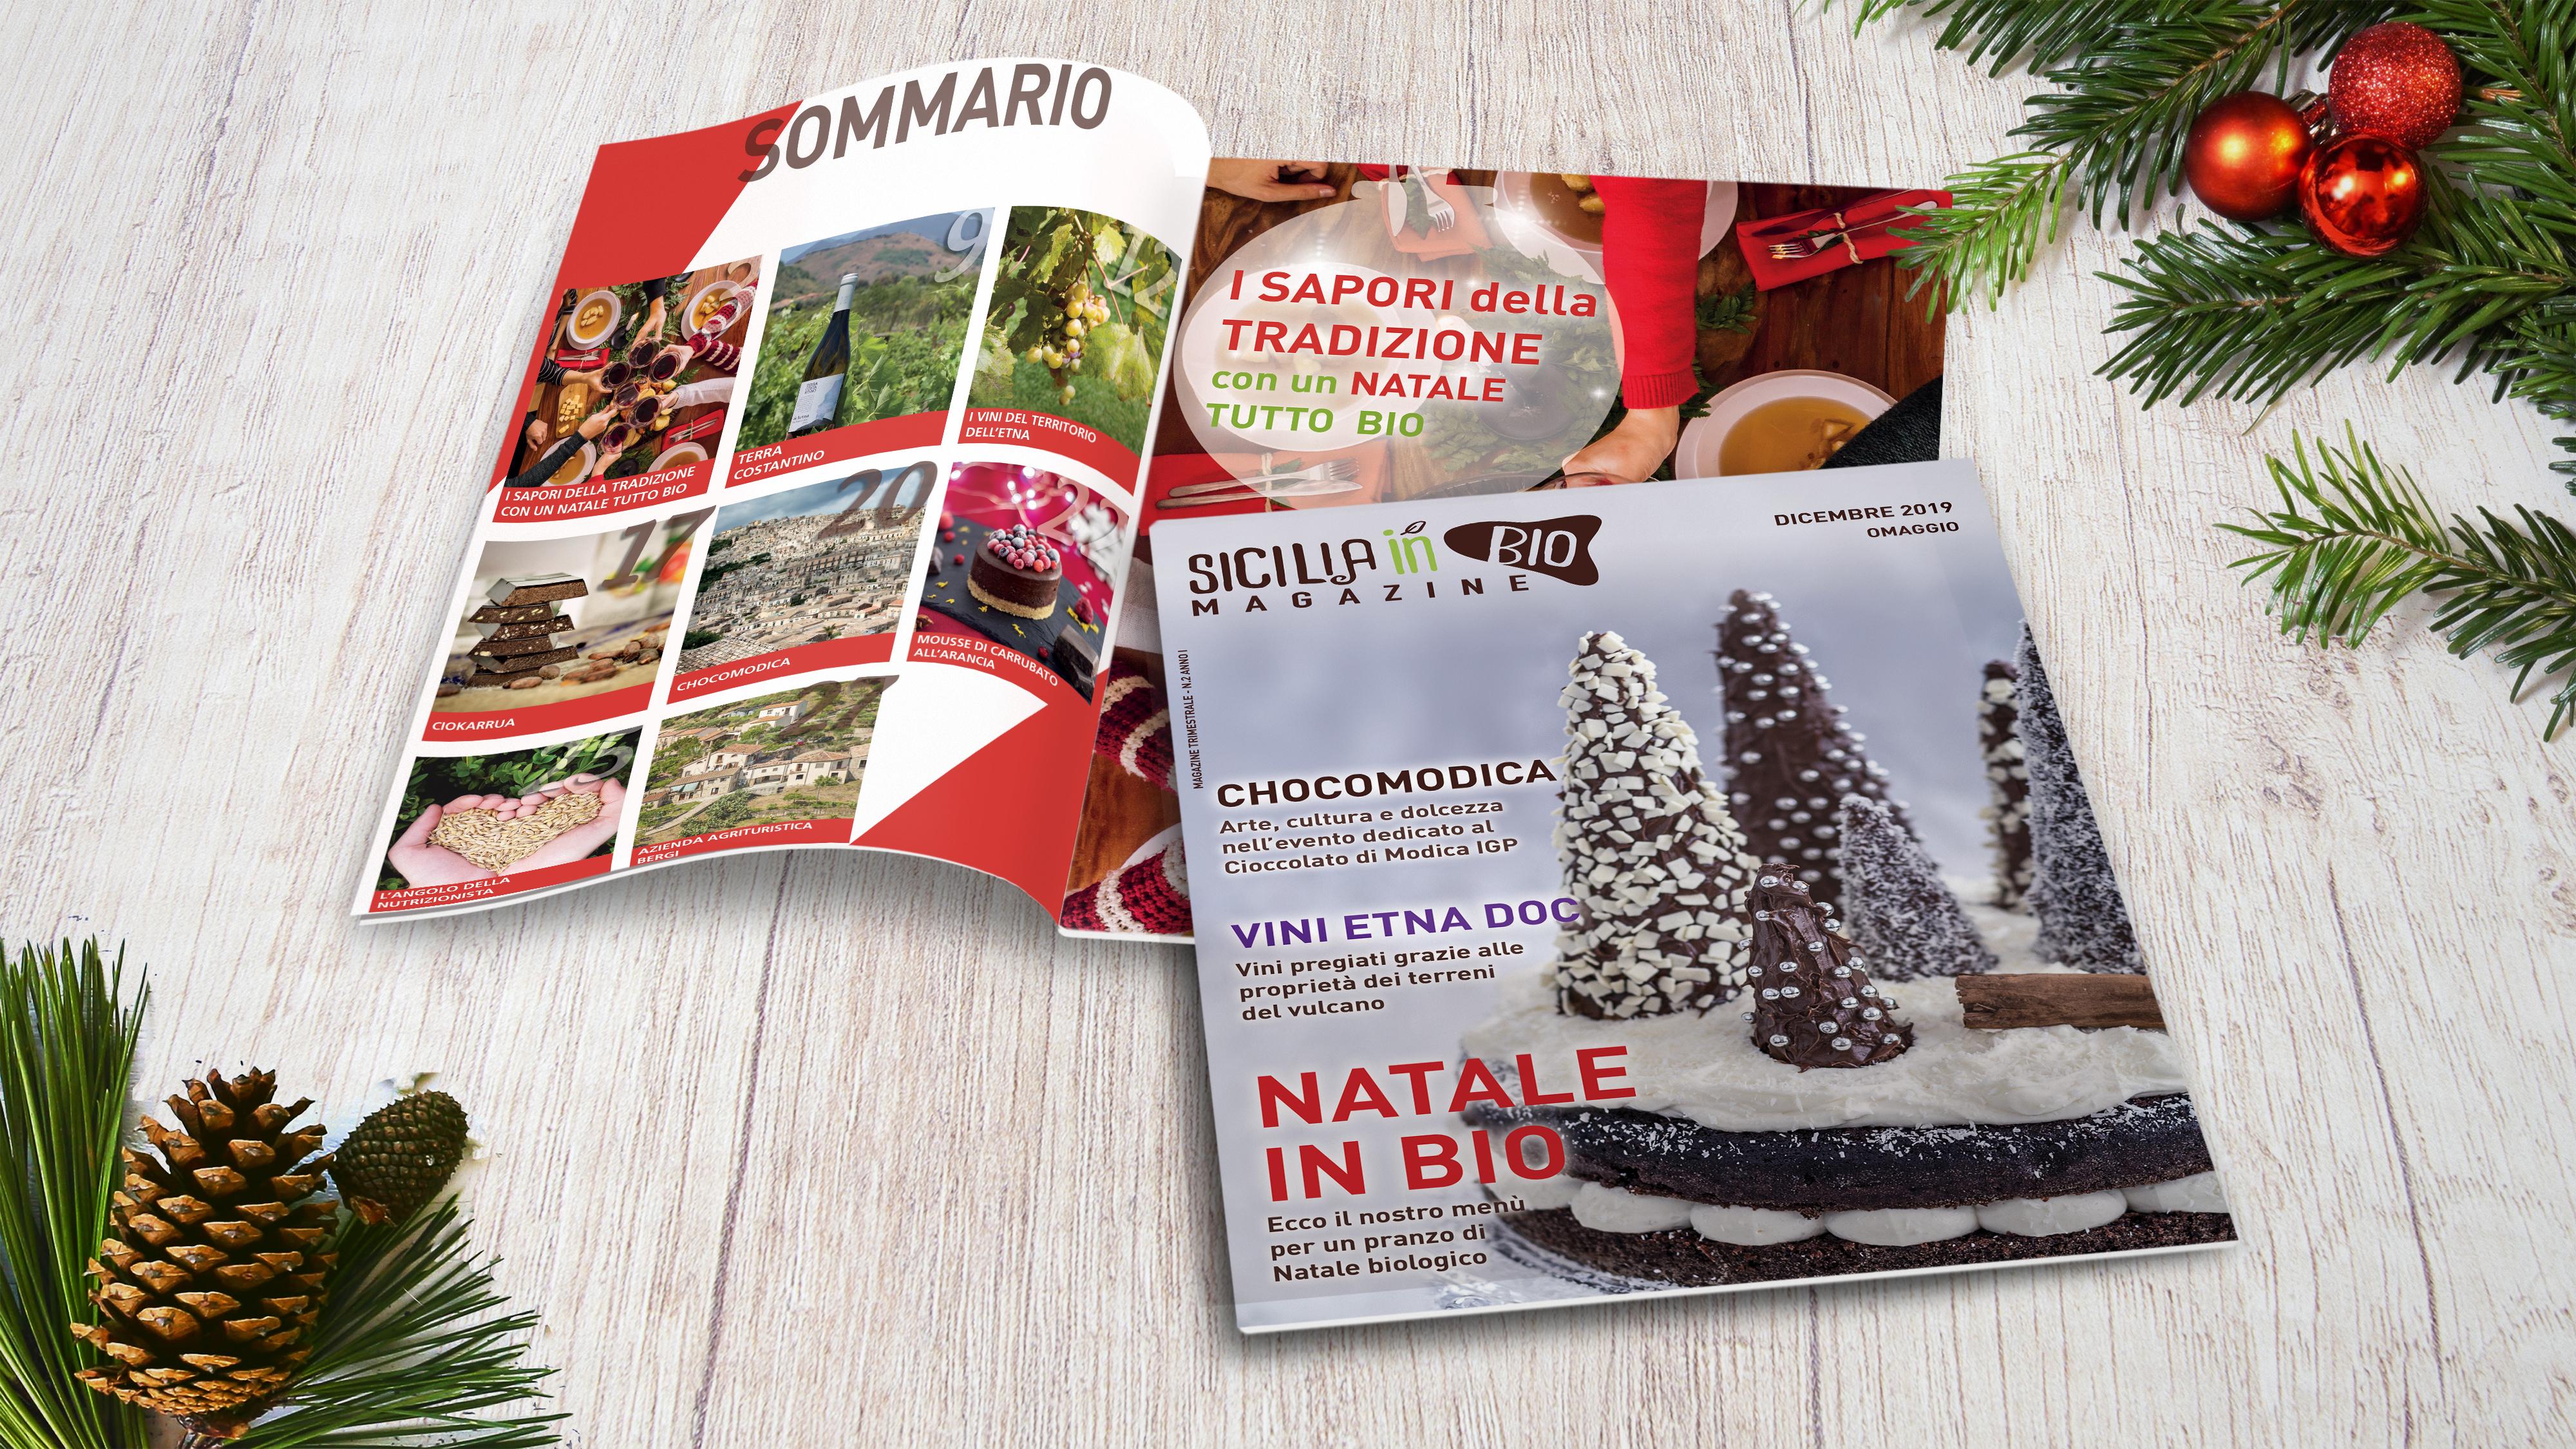 Sicilia in Bio Magazine Natale in bio